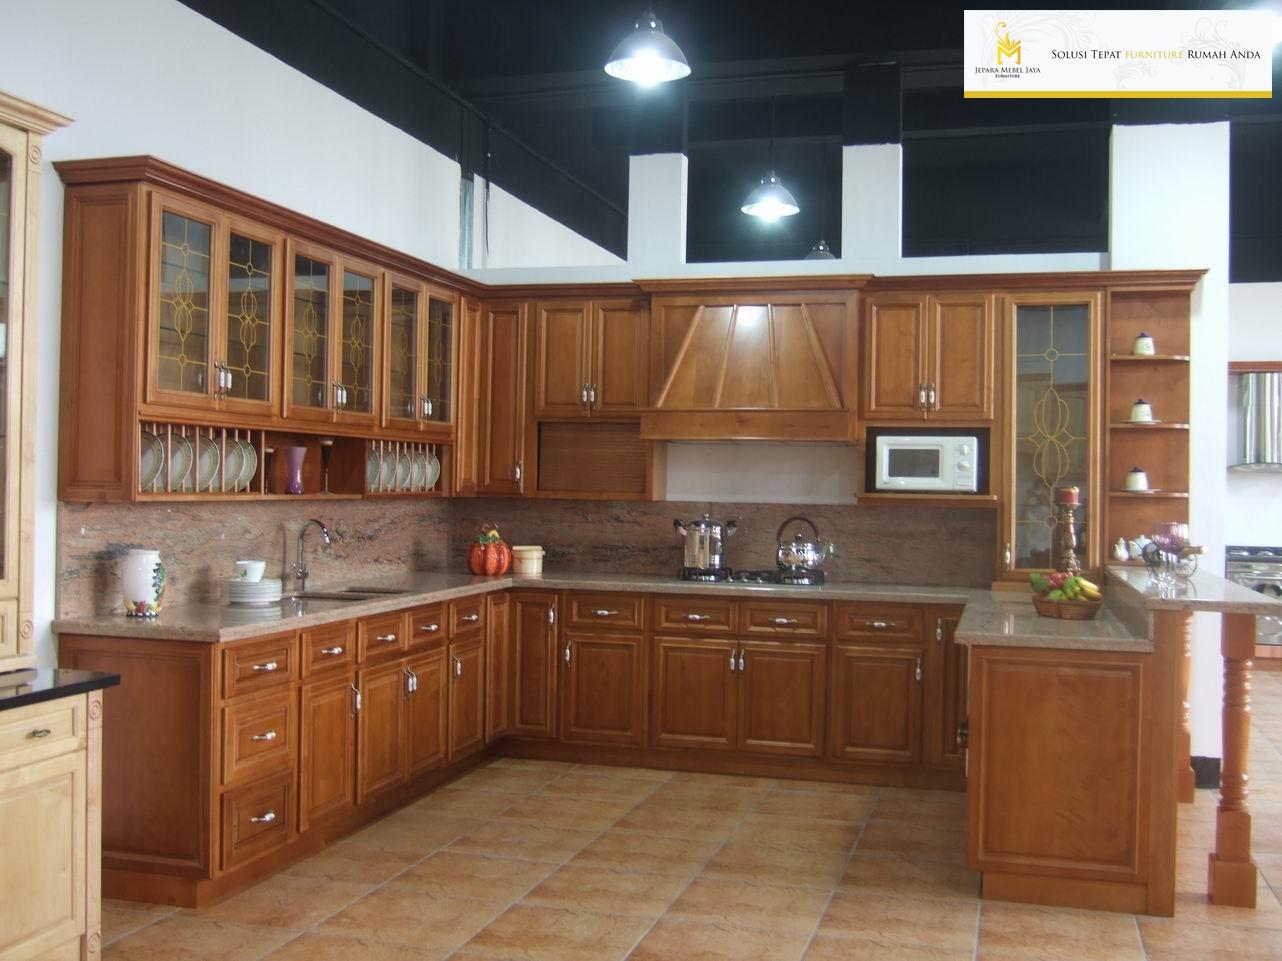 Kitchen Set Minimalis Kayu Jati Terbaru Jepara Mebel Jaya